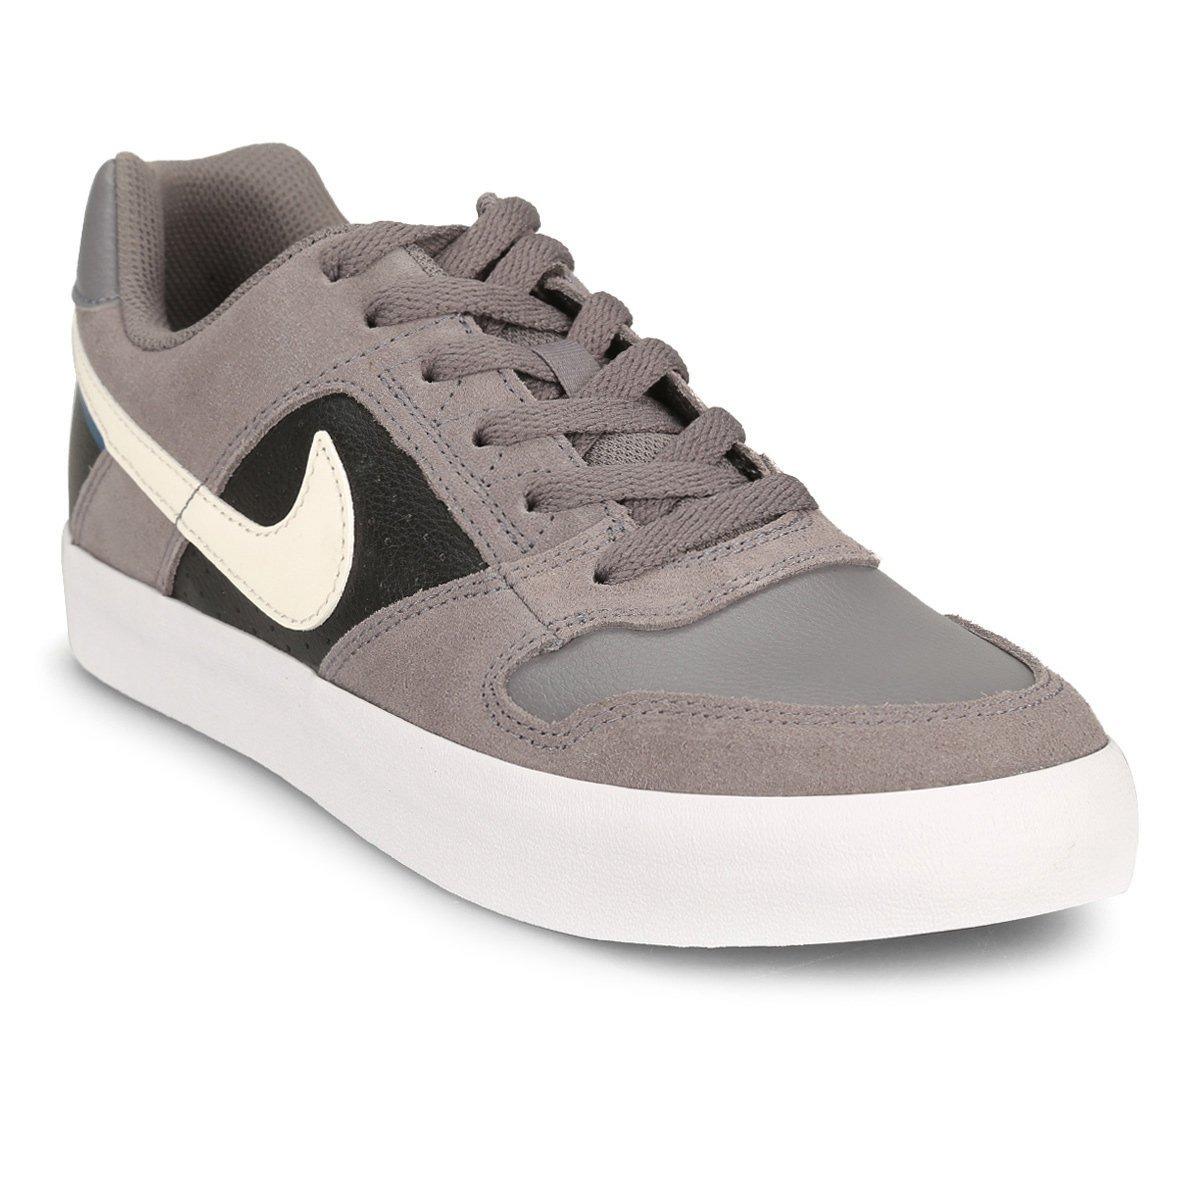 77e148d1e5e zapatillas nike delta force vulc - gris y negro - nuevas! Cargando zoom.